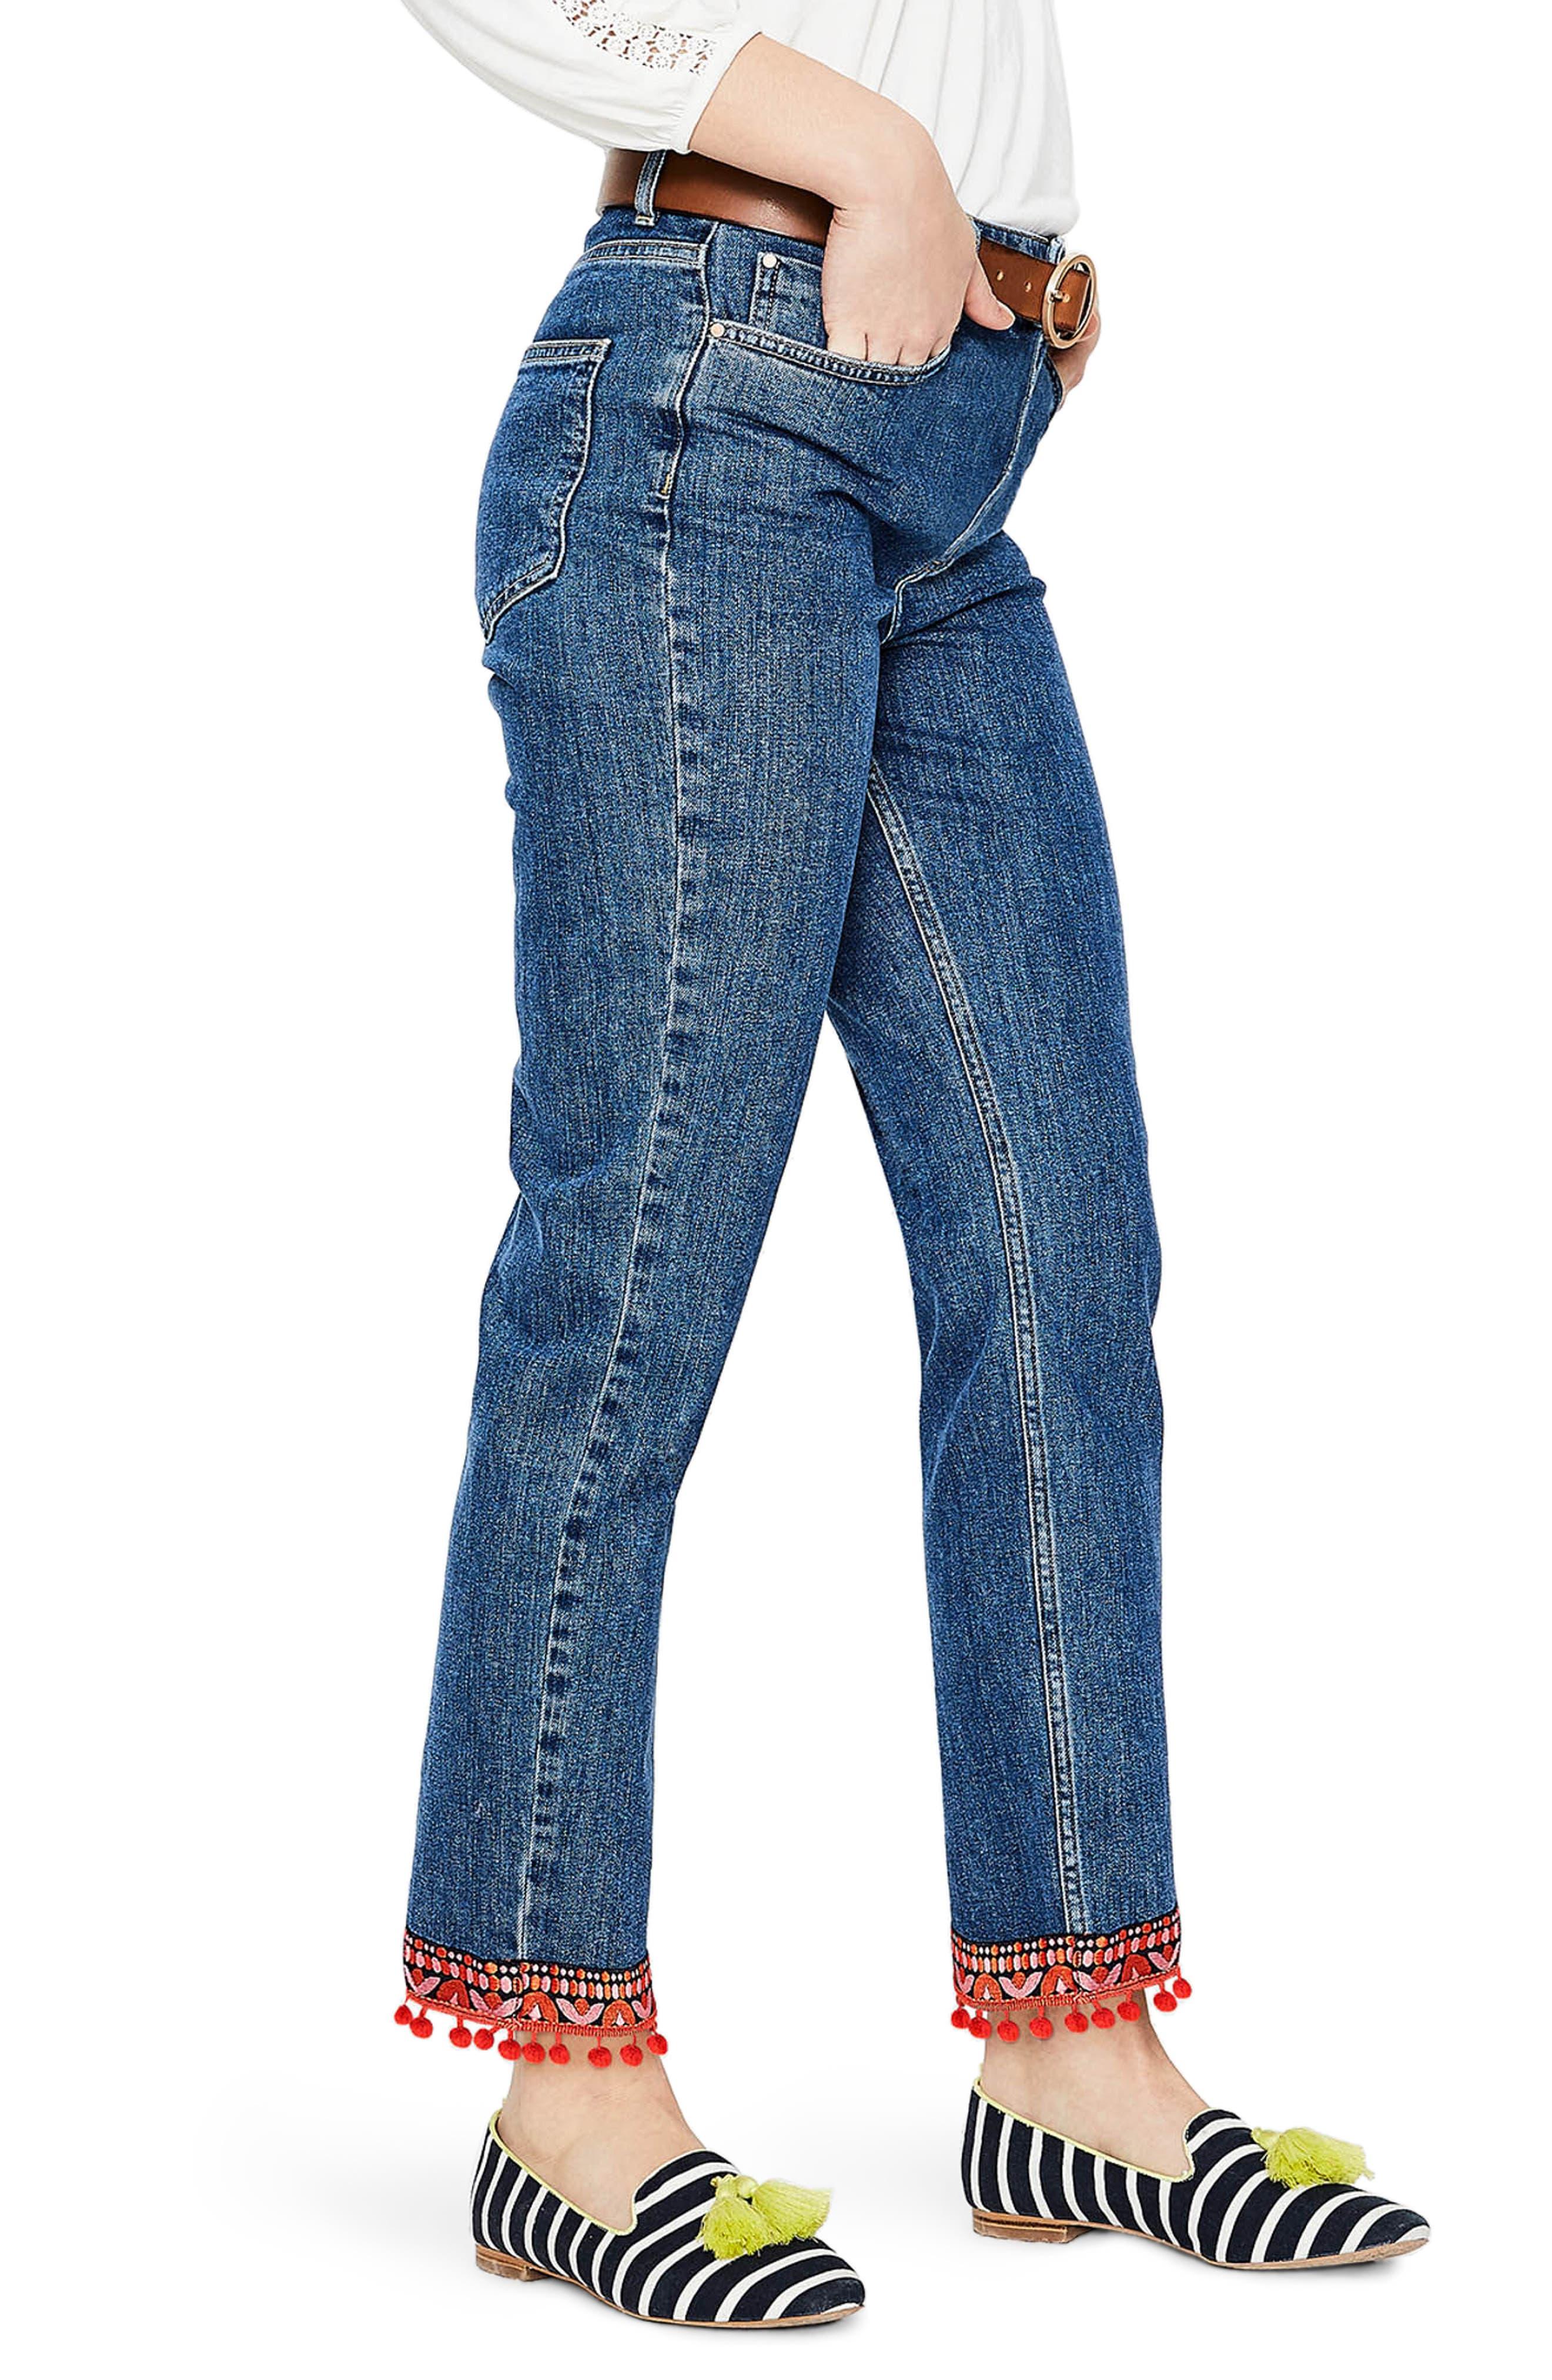 BODEN,                             Cambridge Embellished Ankle Skimmer Jeans,                             Alternate thumbnail 3, color,                             469